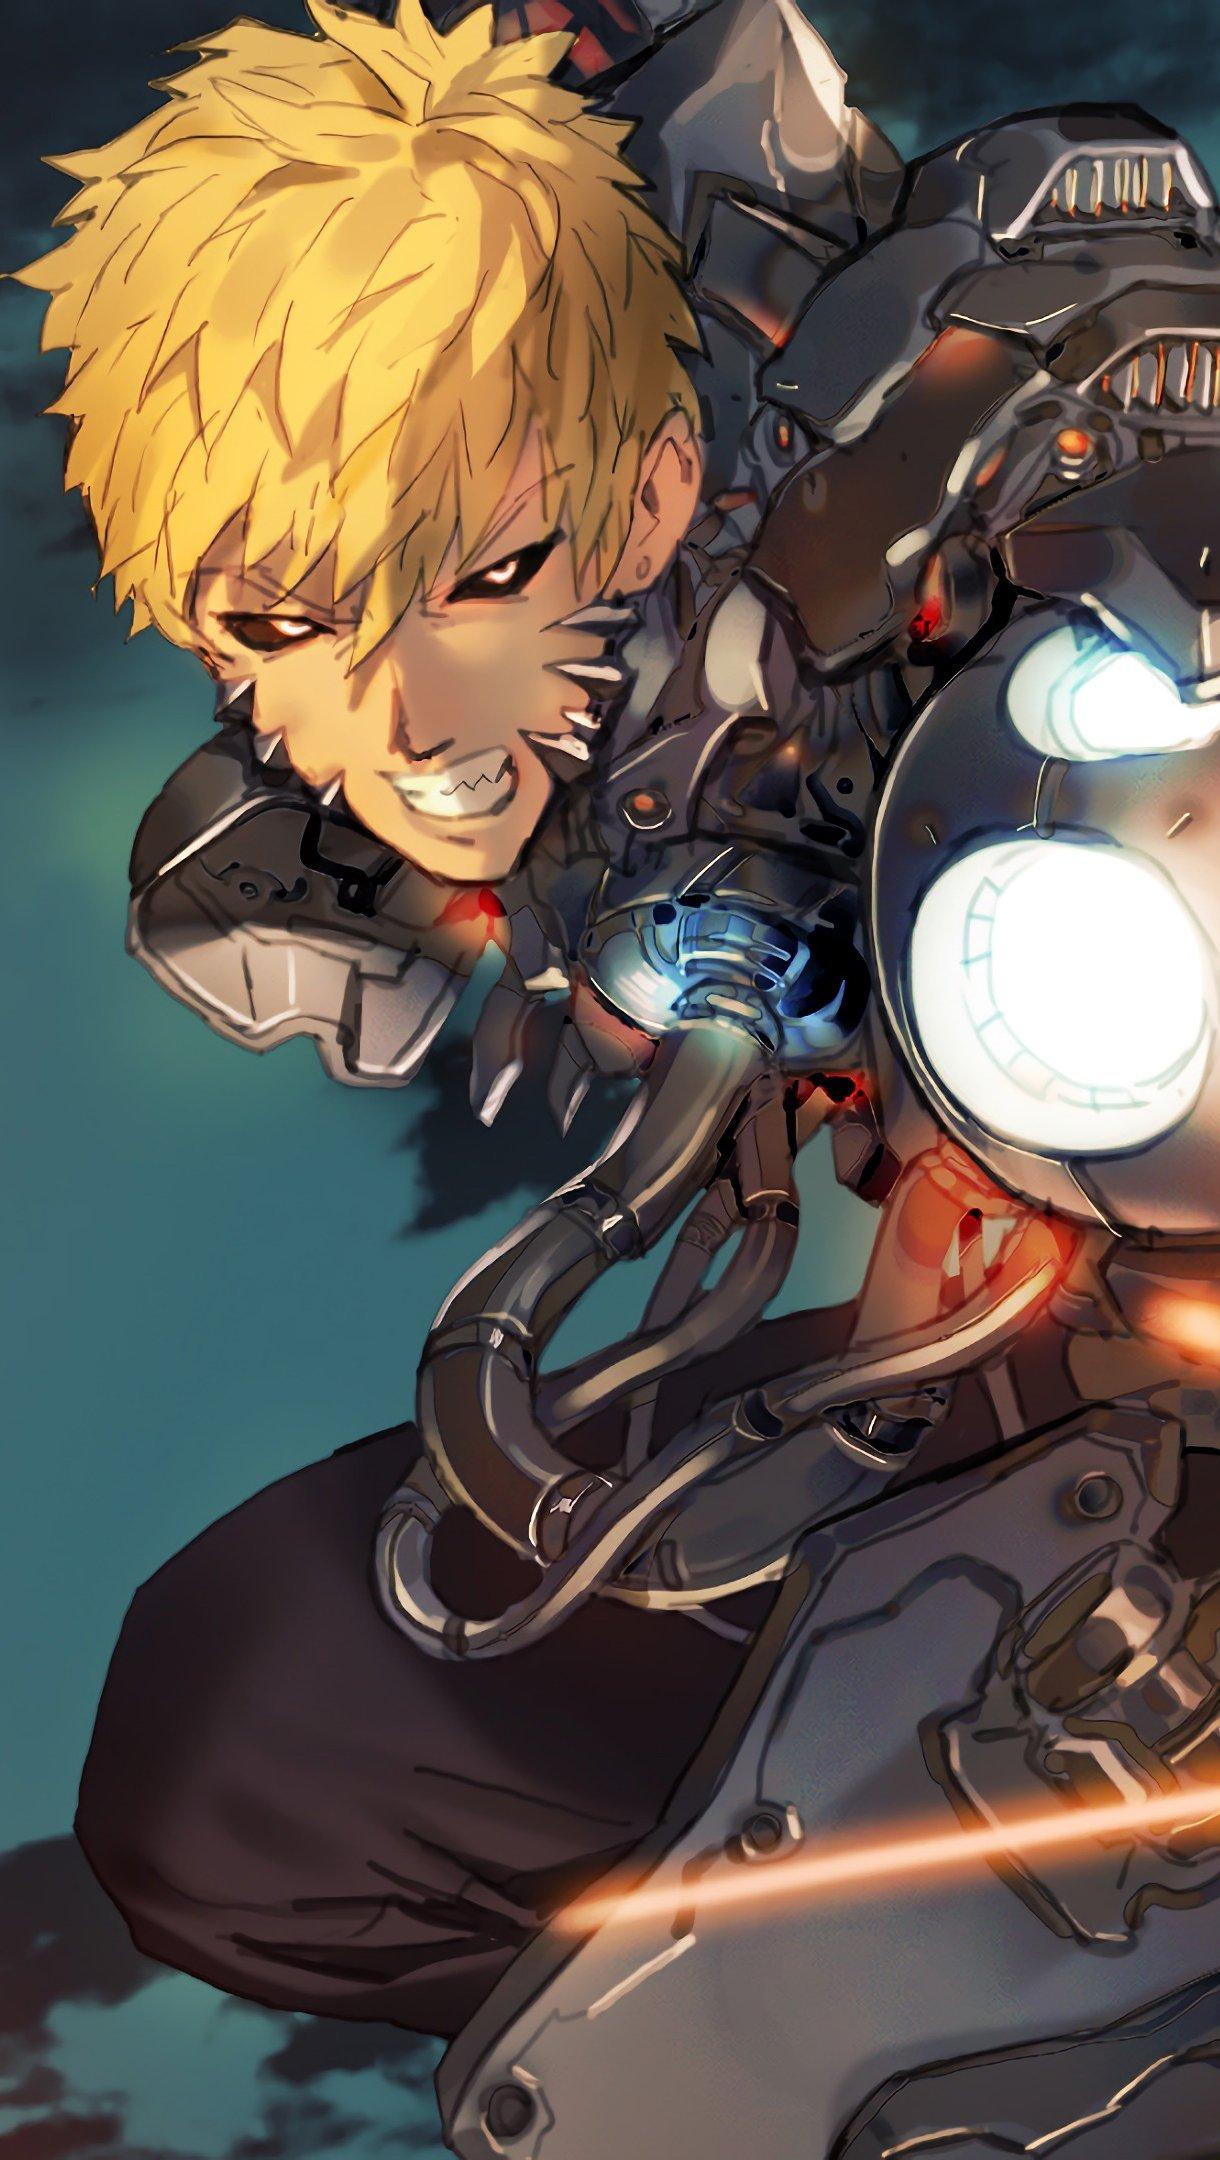 Fondos de pantalla Anime Genos One Punch Man Vertical